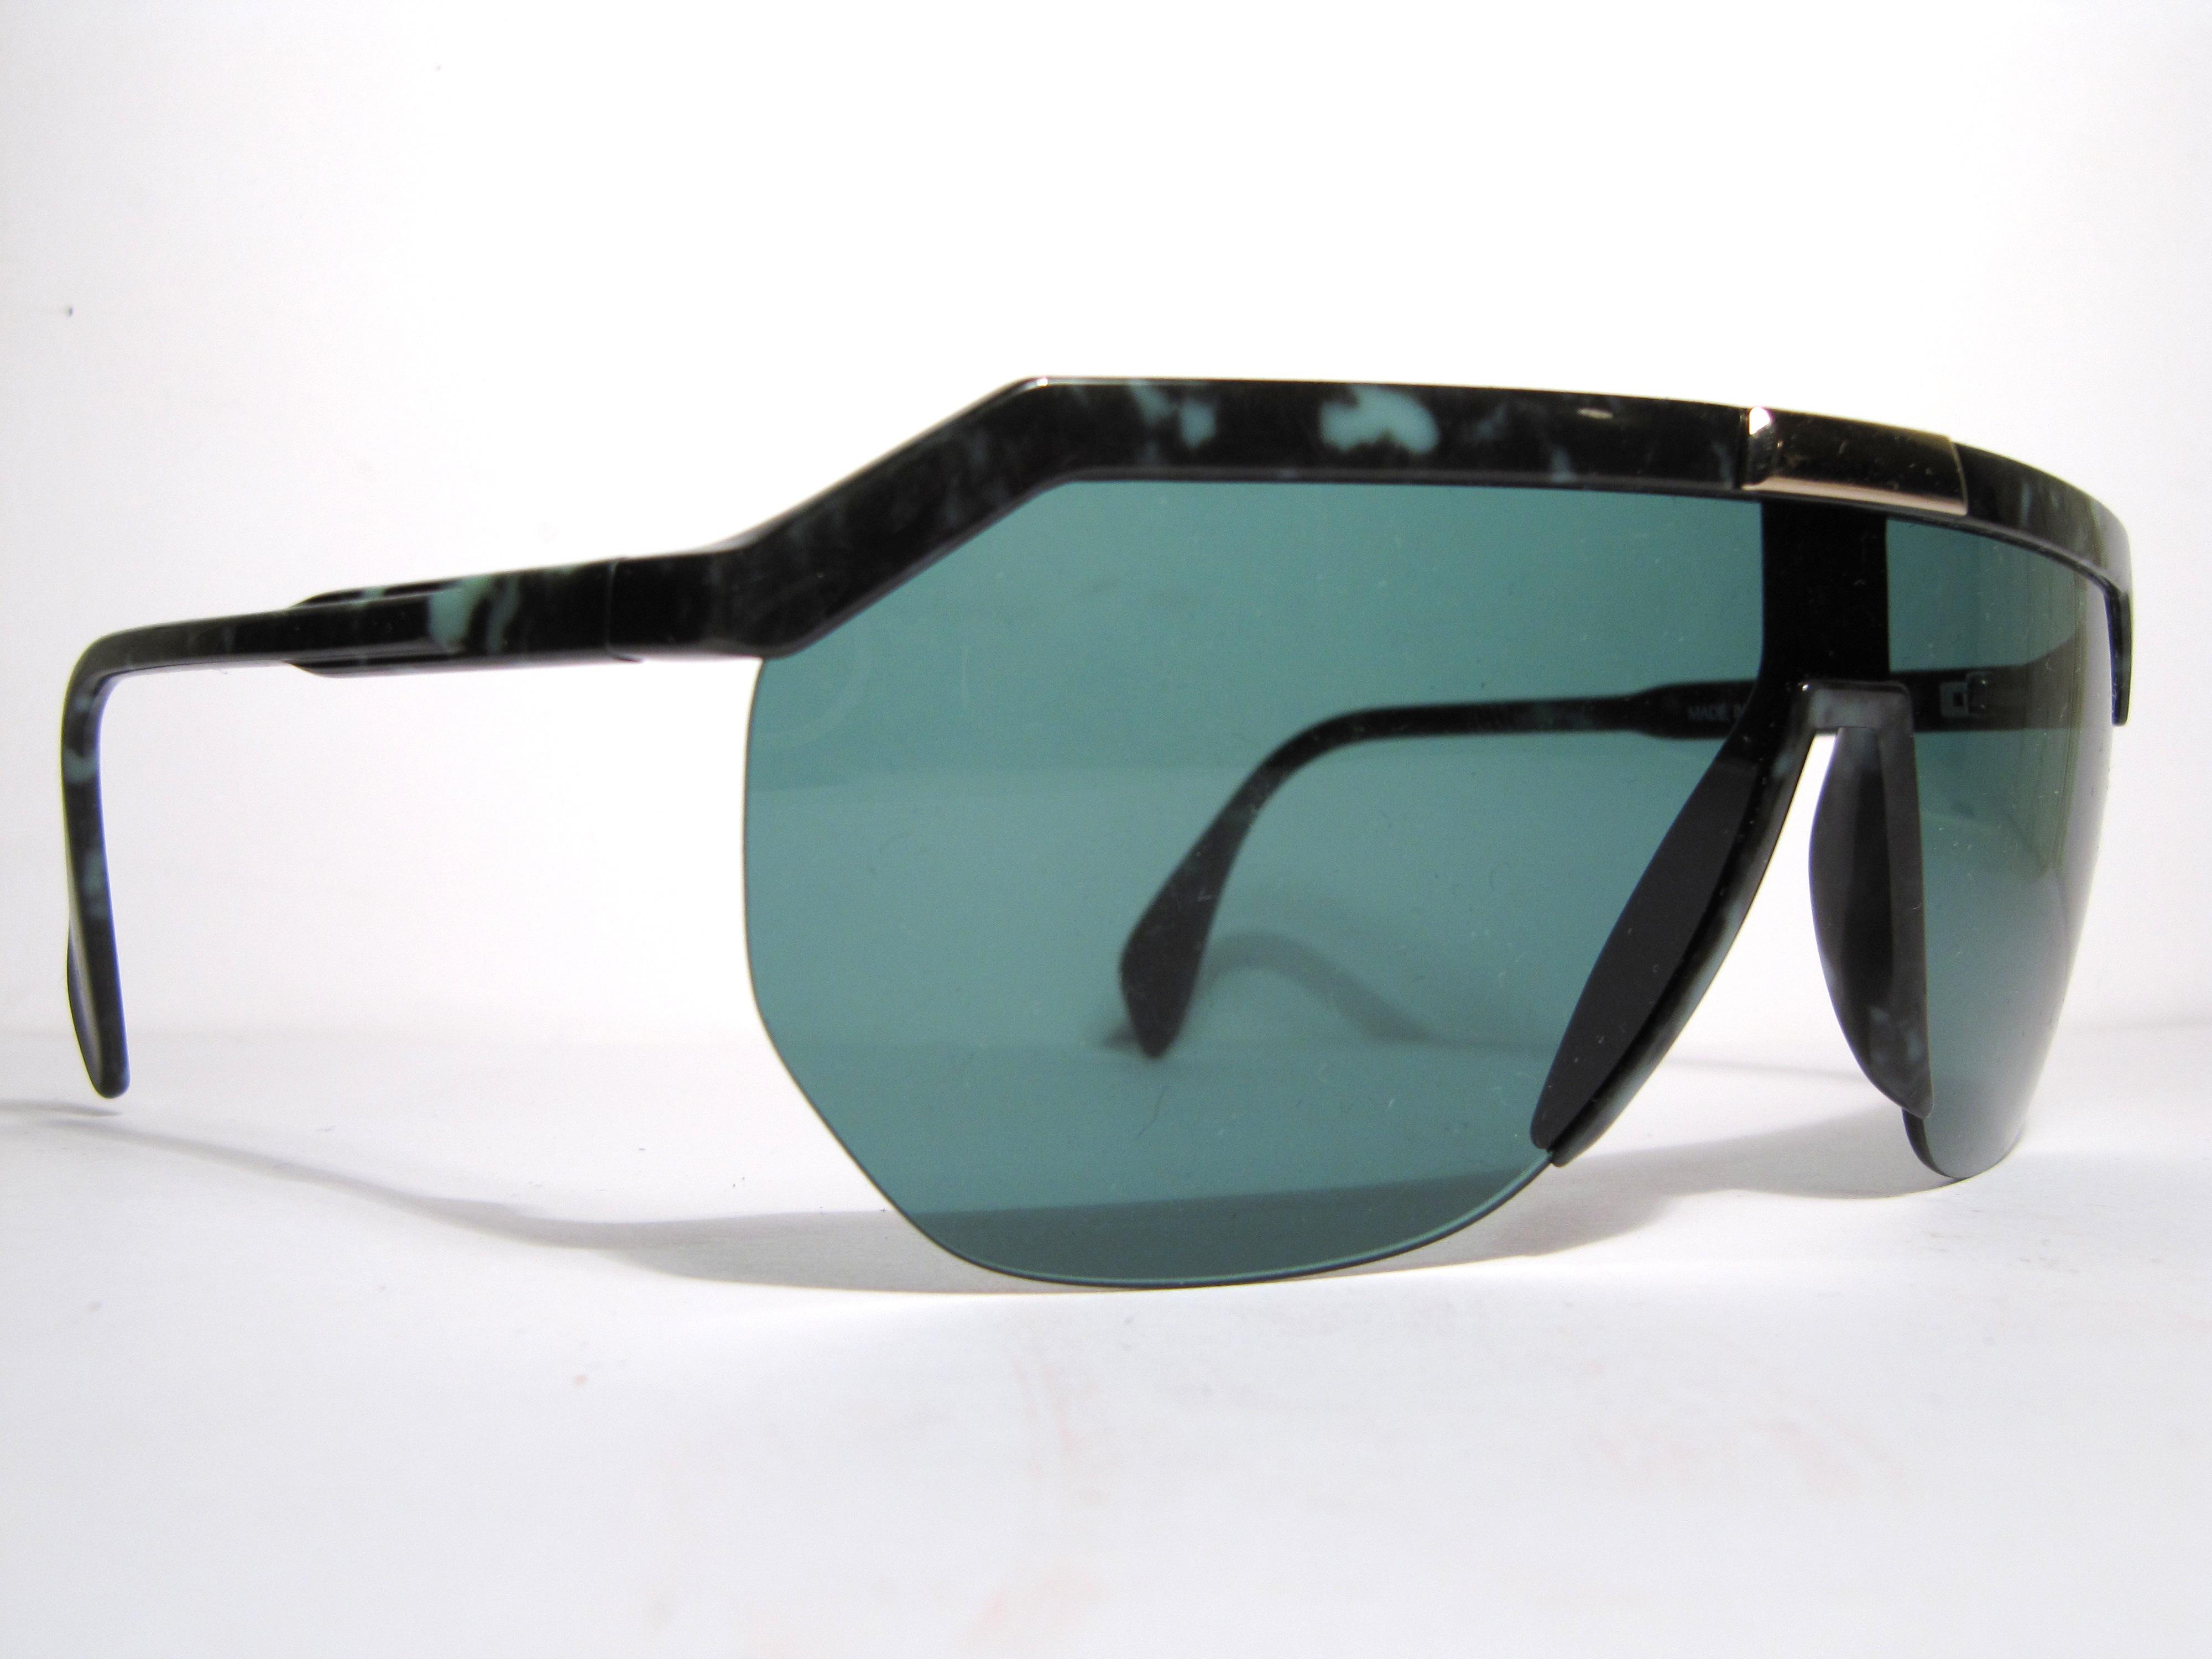 6853c5de01 Silhouette col vintage shield sunglasses jpg 4000x3000 Vintage sunglasses  silhouette